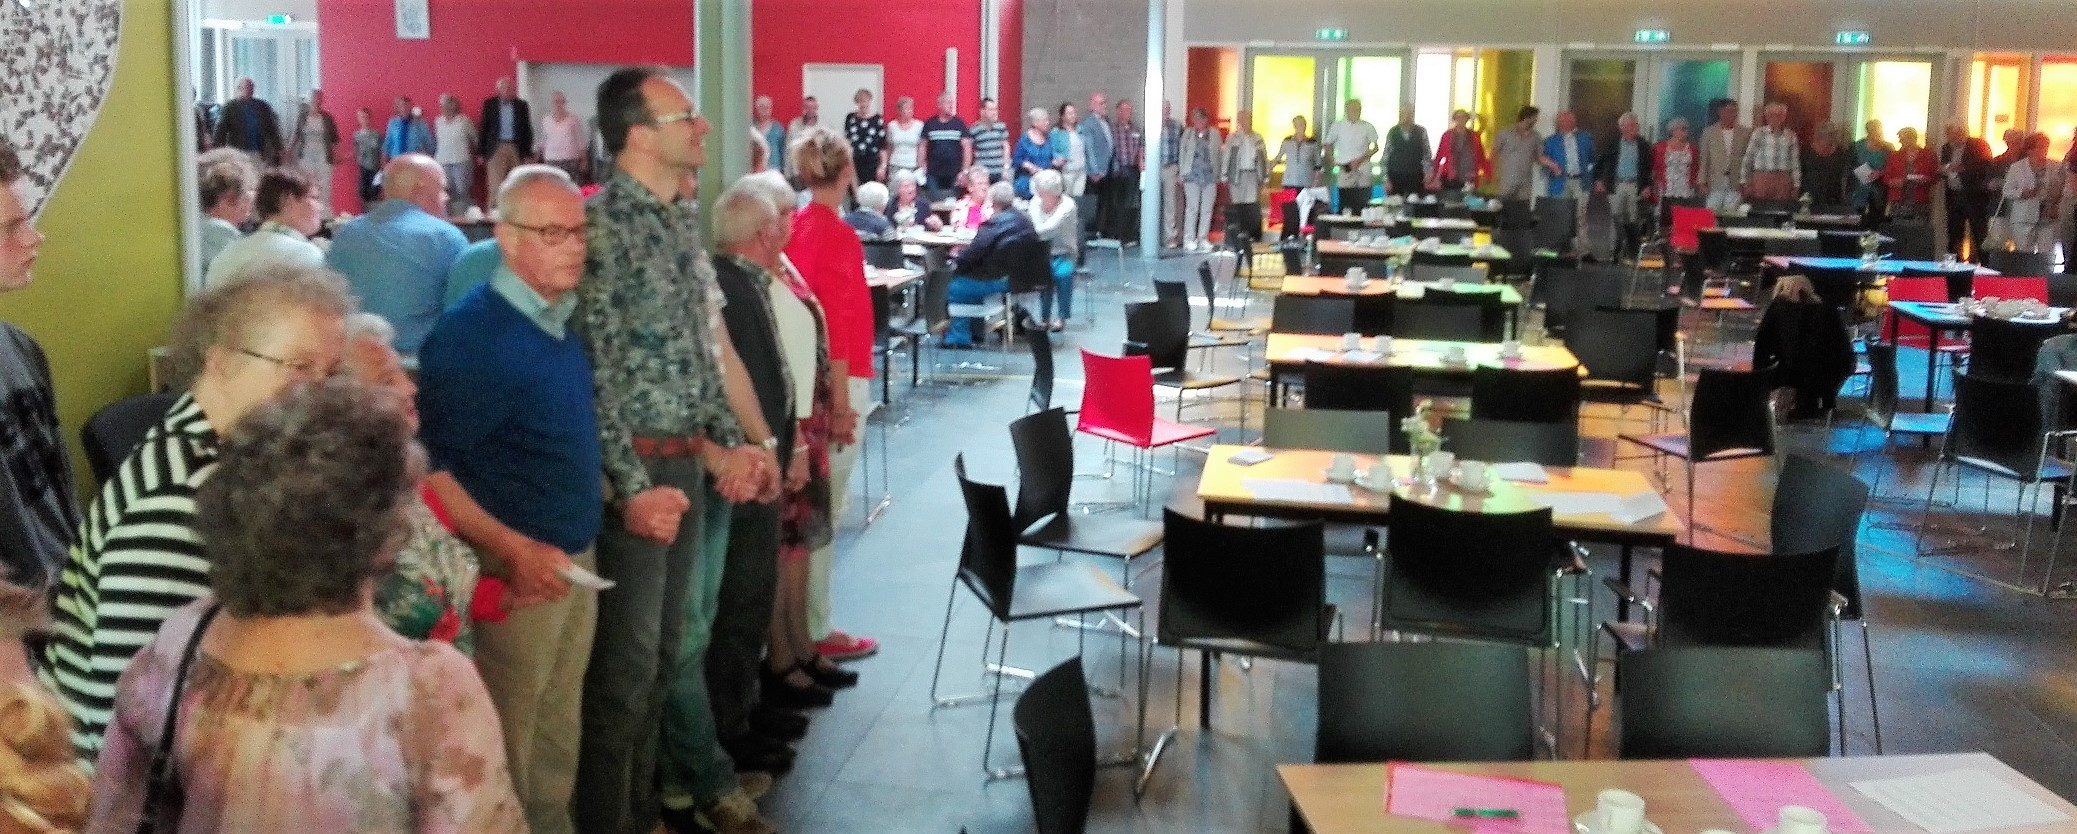 Goede Wijn, waarderende gemeenteopbouw van Jan Hendriks verhalen vertellen verbinden